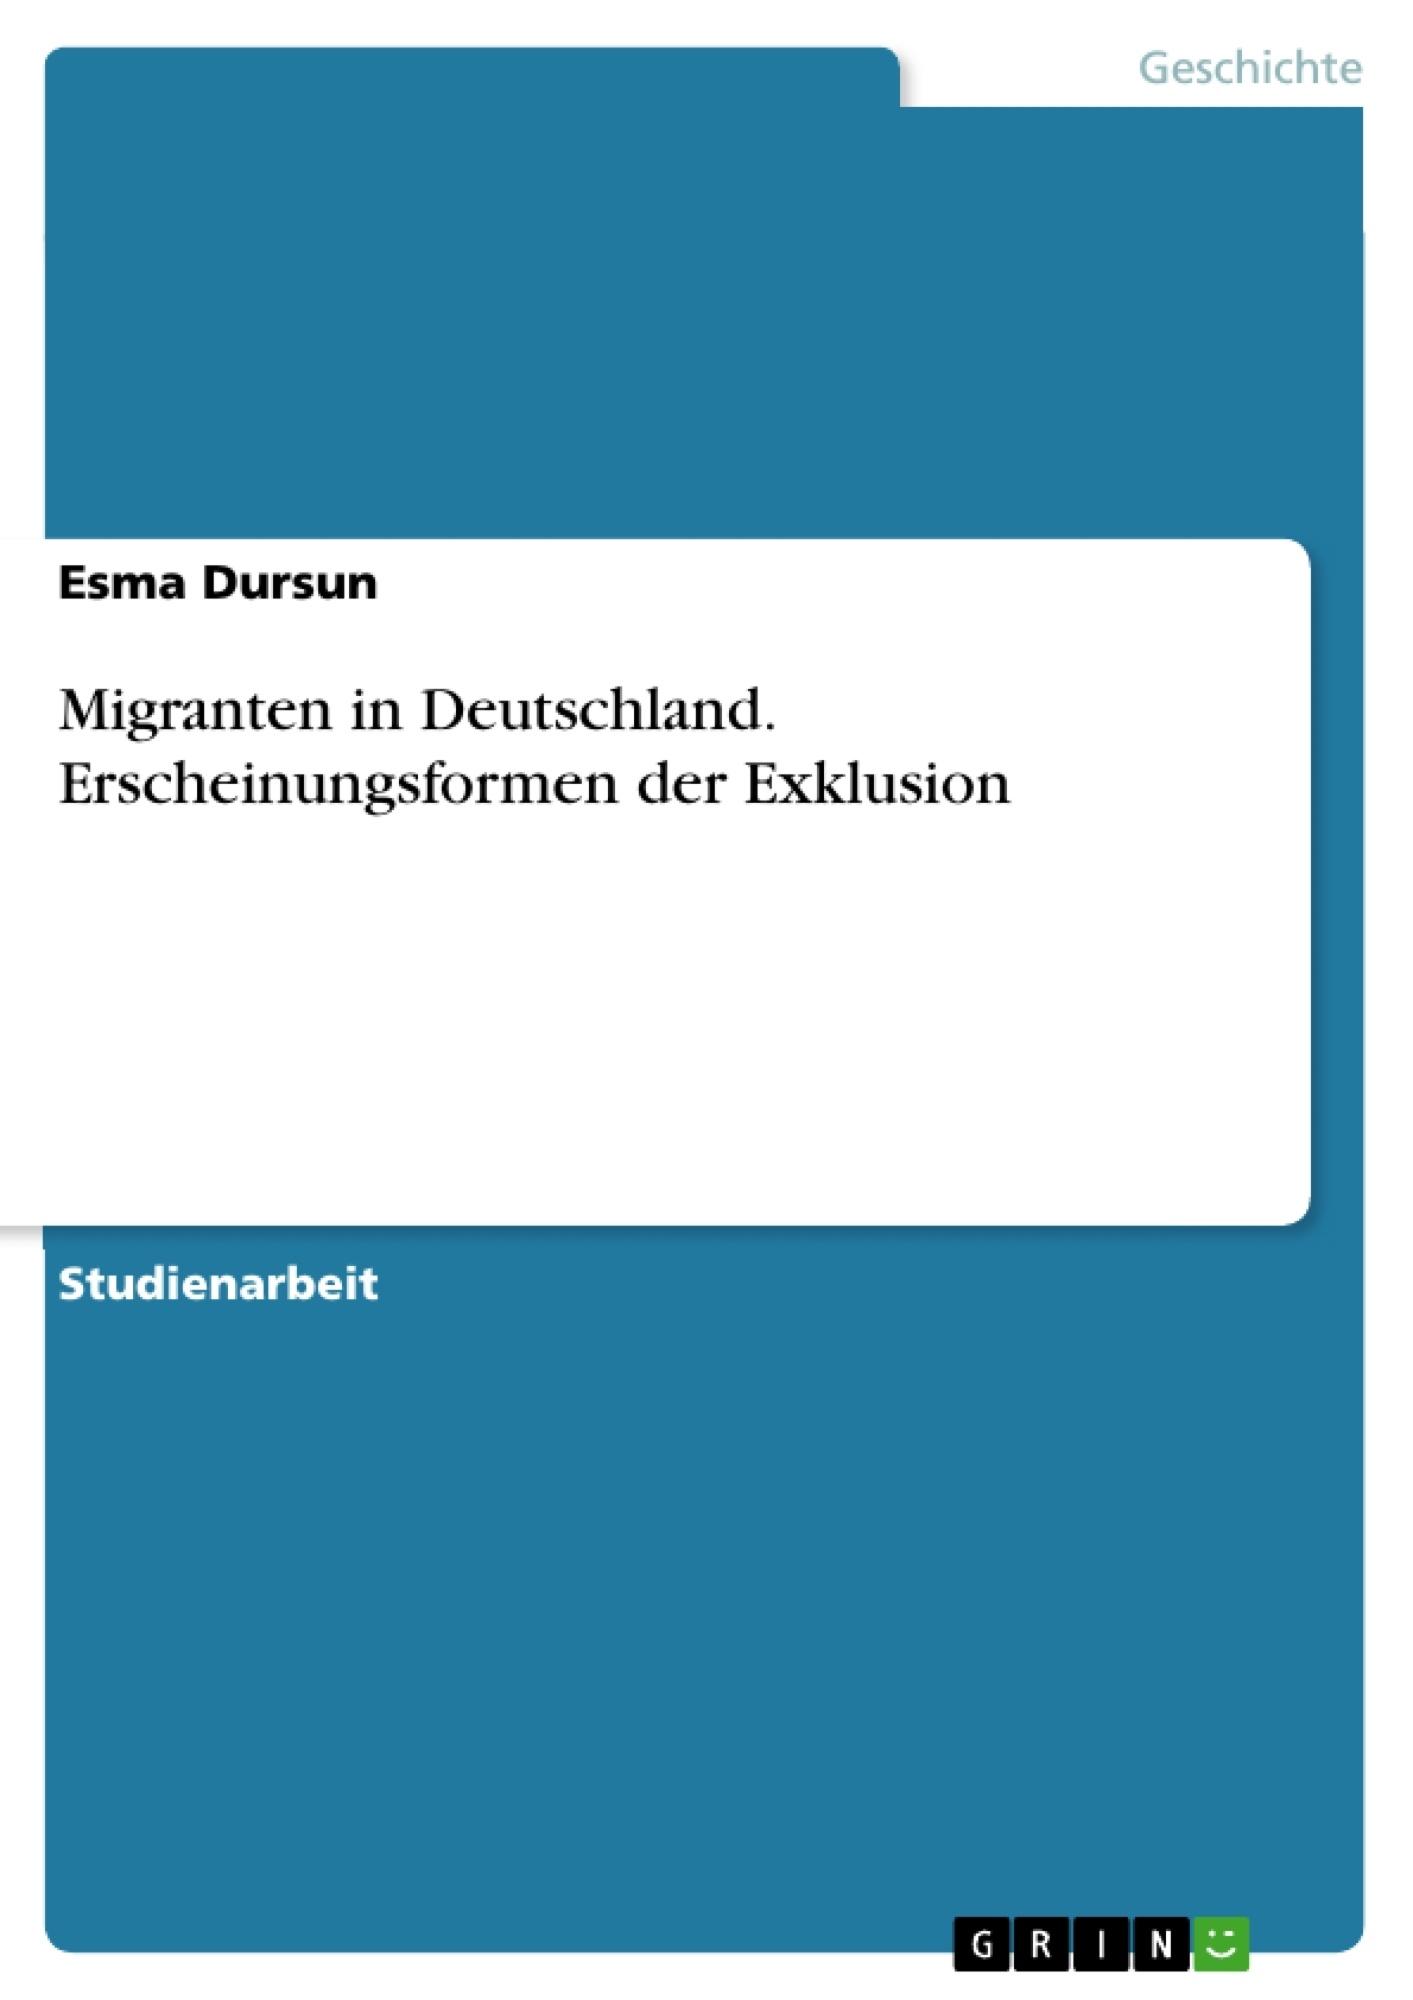 Titel: Migranten in Deutschland. Erscheinungsformen der Exklusion